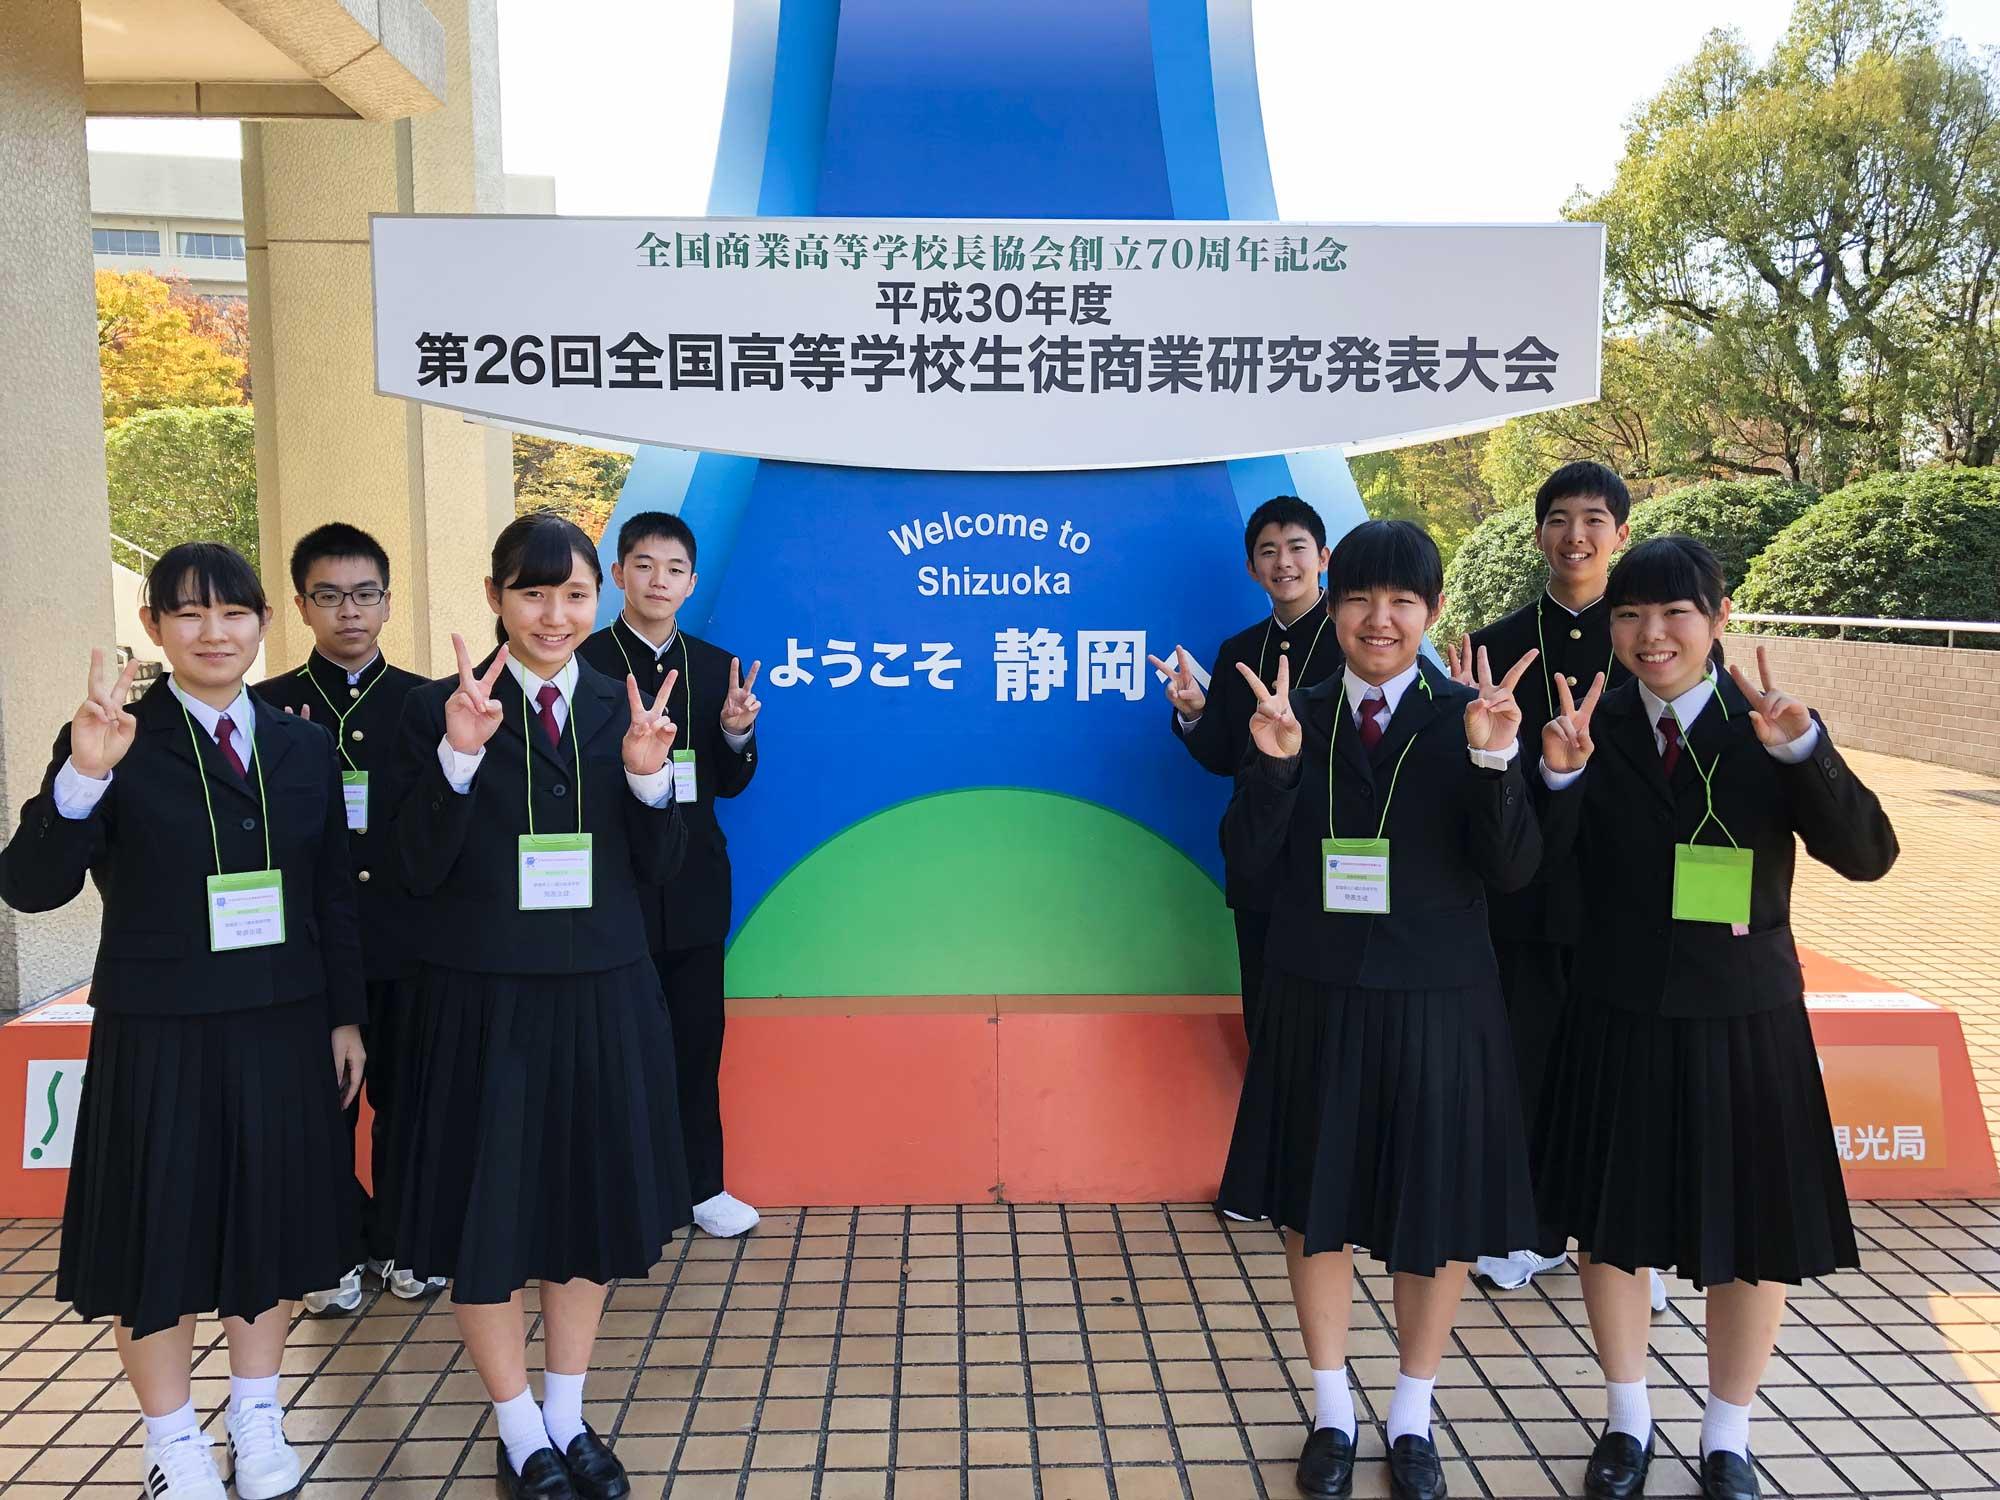 第26回全国高等学校生徒商業研究発表大会